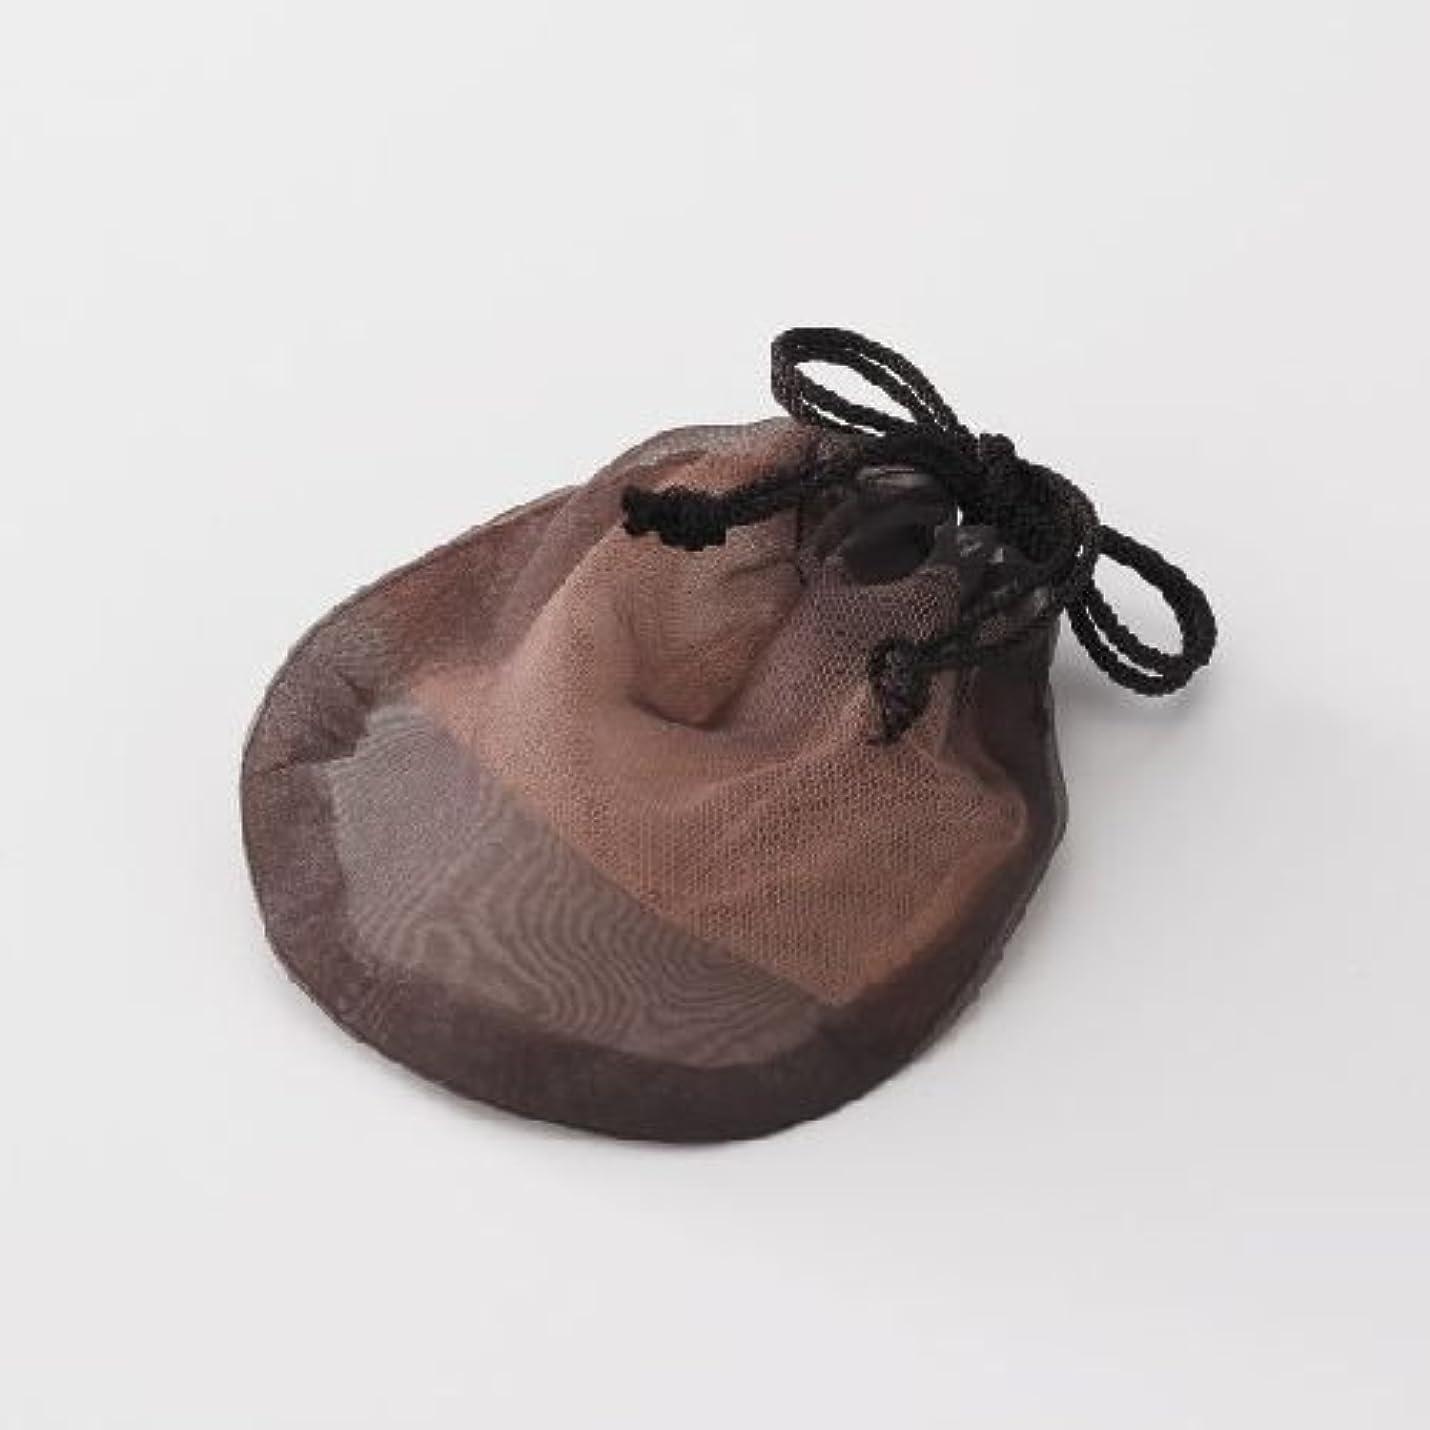 安息今まで人里離れたピギーバックス ソープネット 瞬時にマシュマロのようなお肌に負担をかけないキメ細かな泡をつくることができるオシャレなポーチ型オリジナル【泡だてネット】!衛生的に固形石鹸の保存もできます。